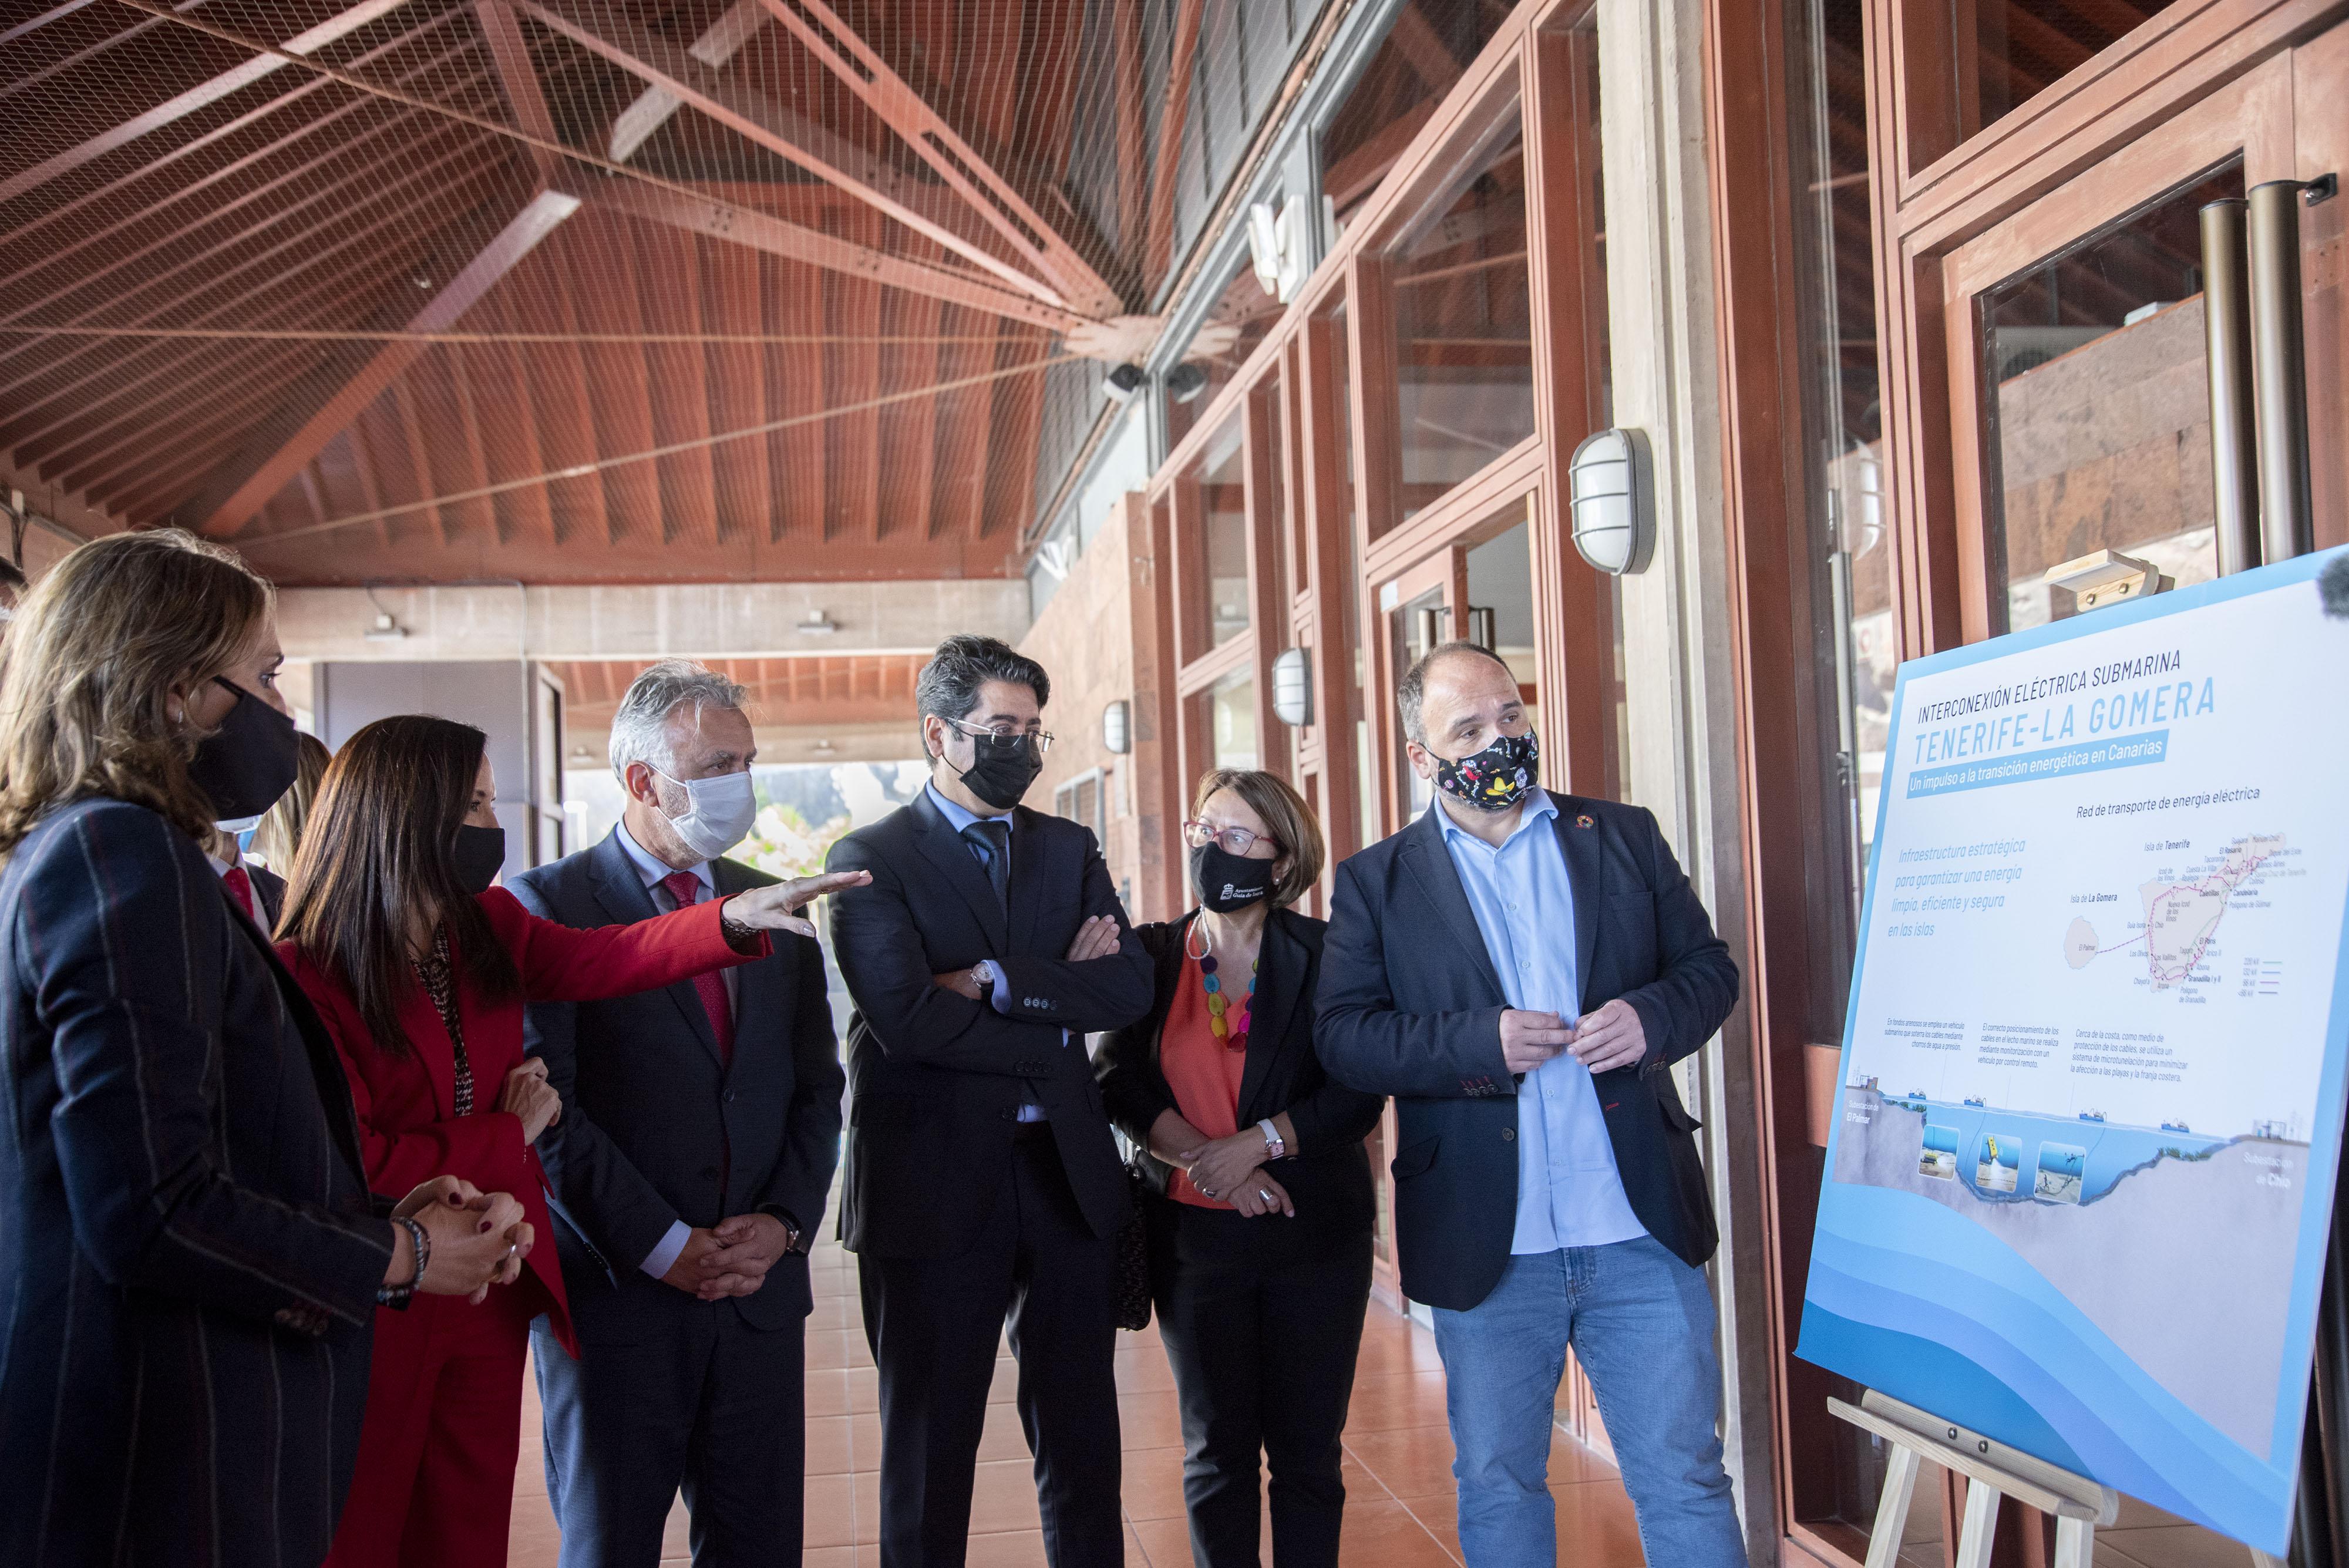 """Torres: """"La interconexión eléctrica submarina Tenerife-La Gomera es un gran impulso a la transición energética"""""""